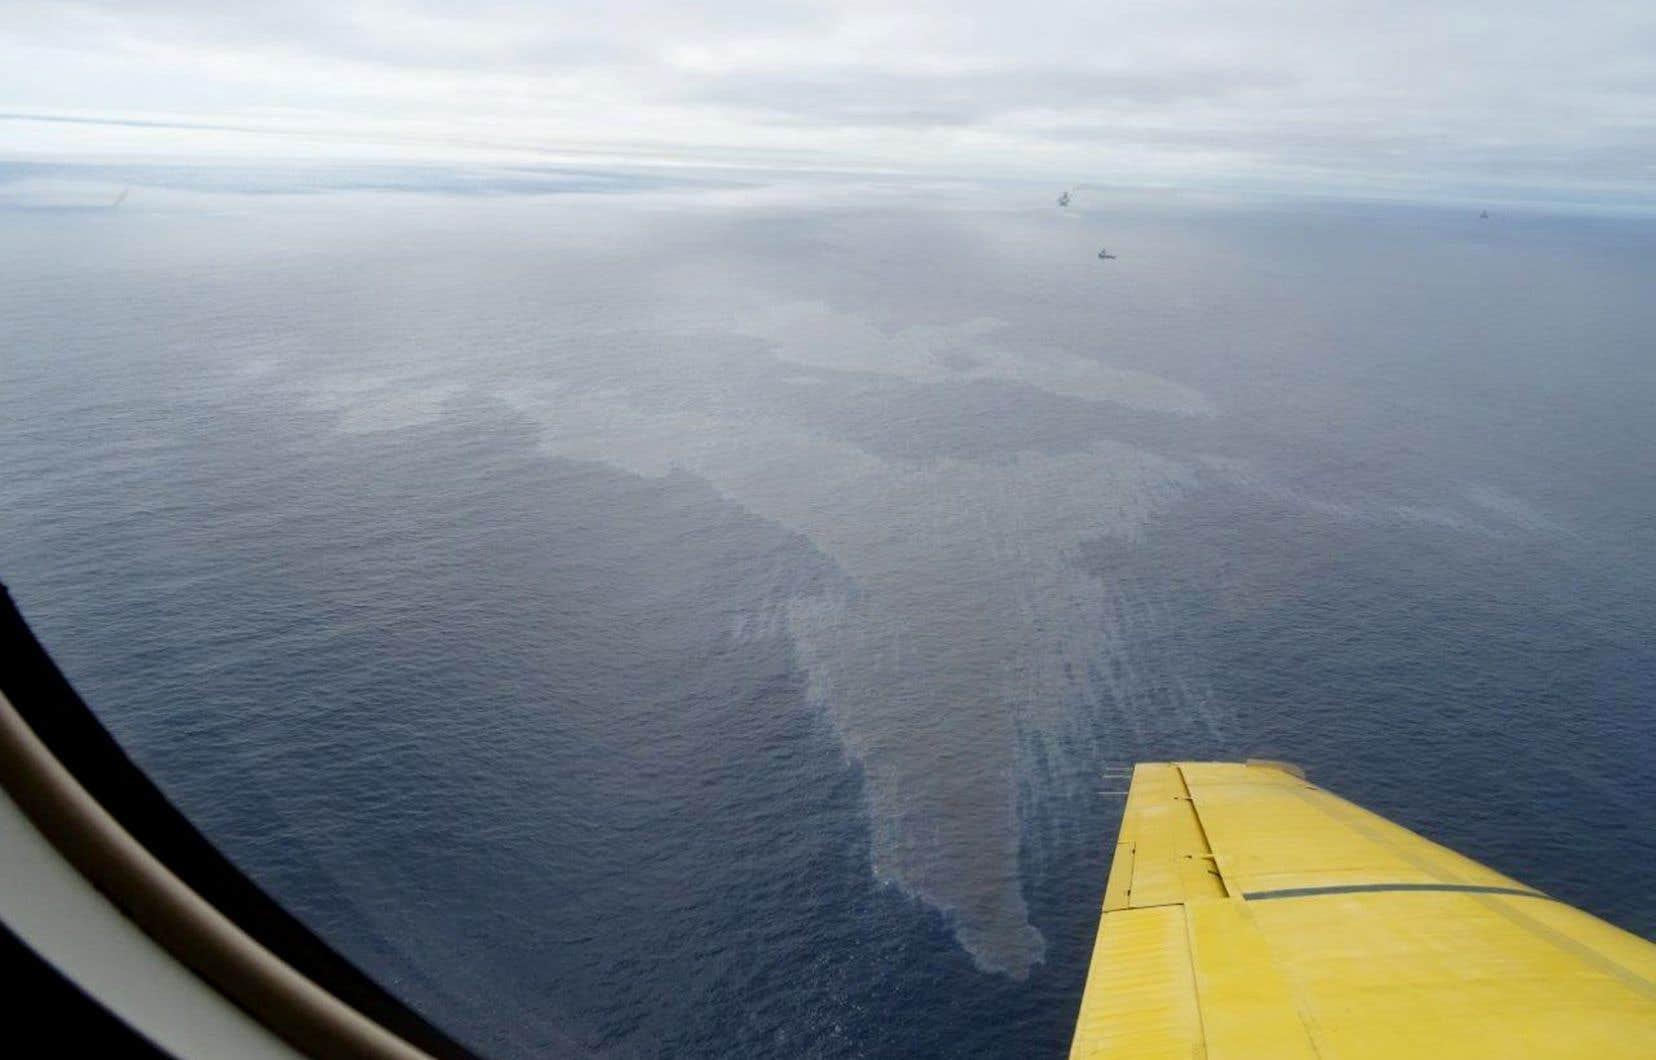 Un vol de surveillance a permis d'estimer à 12000 litres la quantité de pétrole déversée dans l'océan Atlantique.